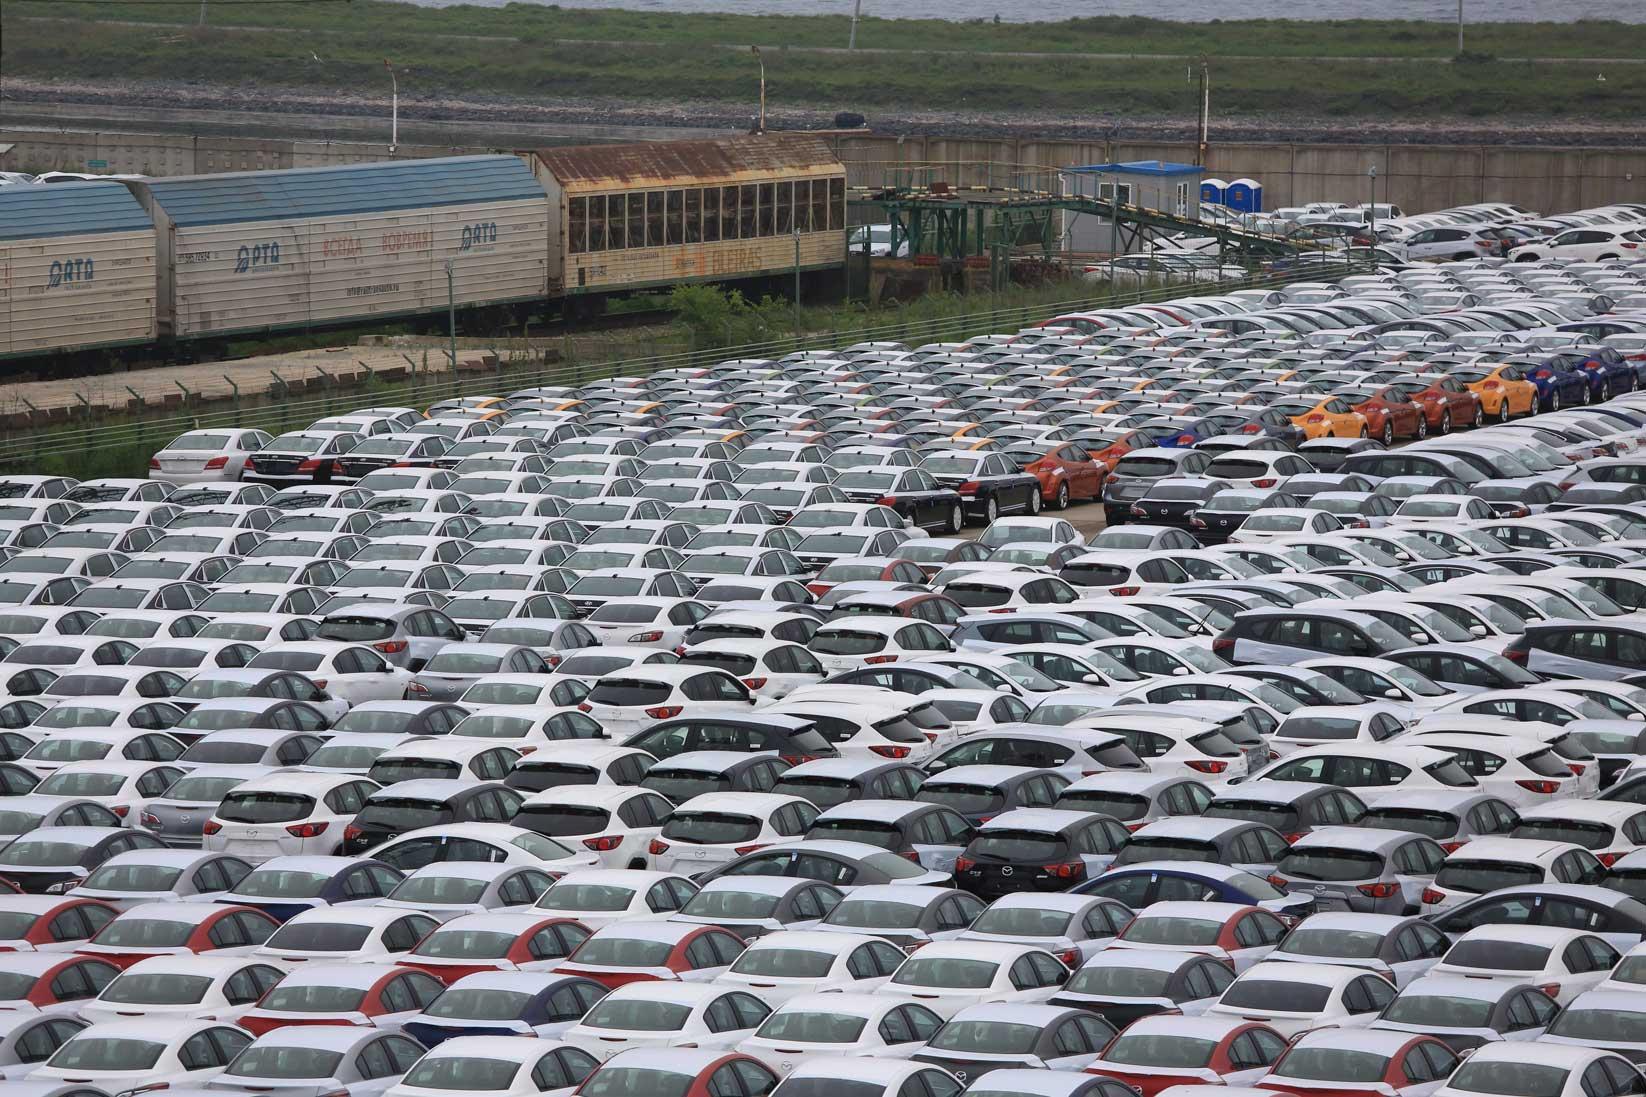 極東ロシアの田舎町をドライブする~数千台の日本車積替と渤海の港_b0235153_10311868.jpg